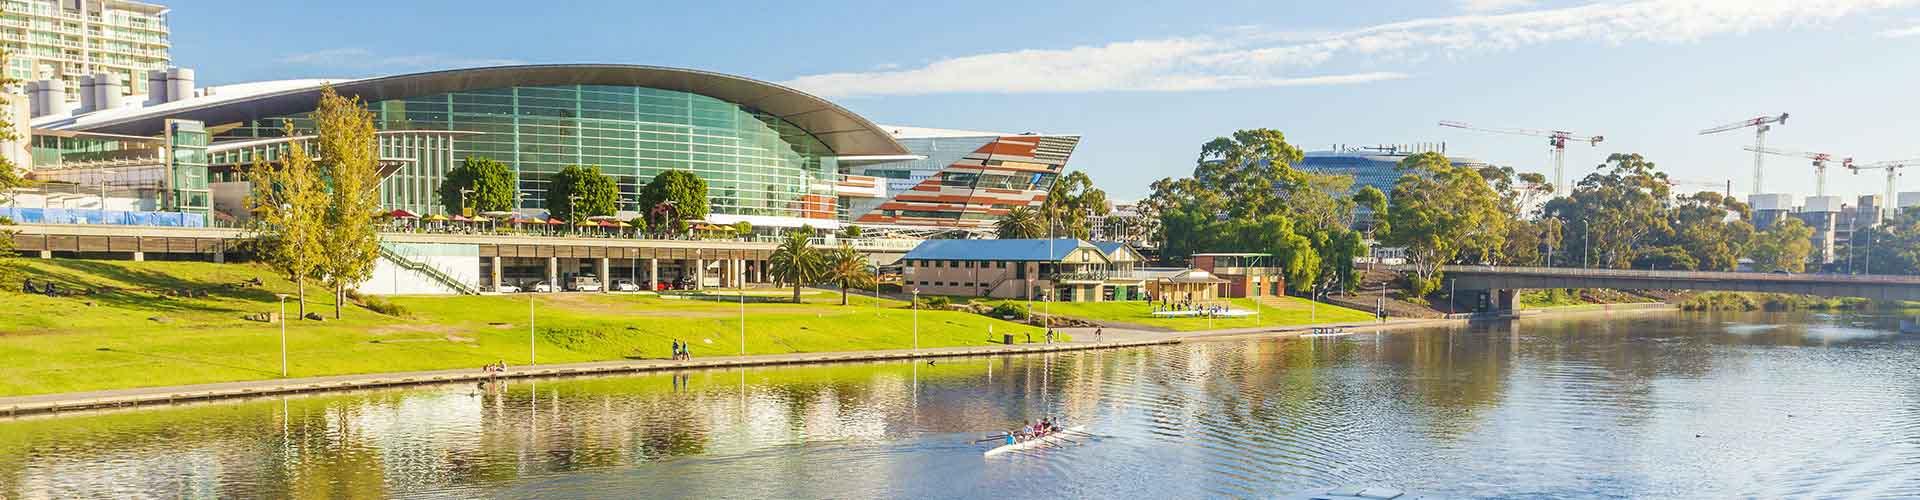 Adelaide - Szobák Észak Terrace városrészen. Adelaide térképek, fotók, és ajánlások minden egyes Adelaide szobáról.